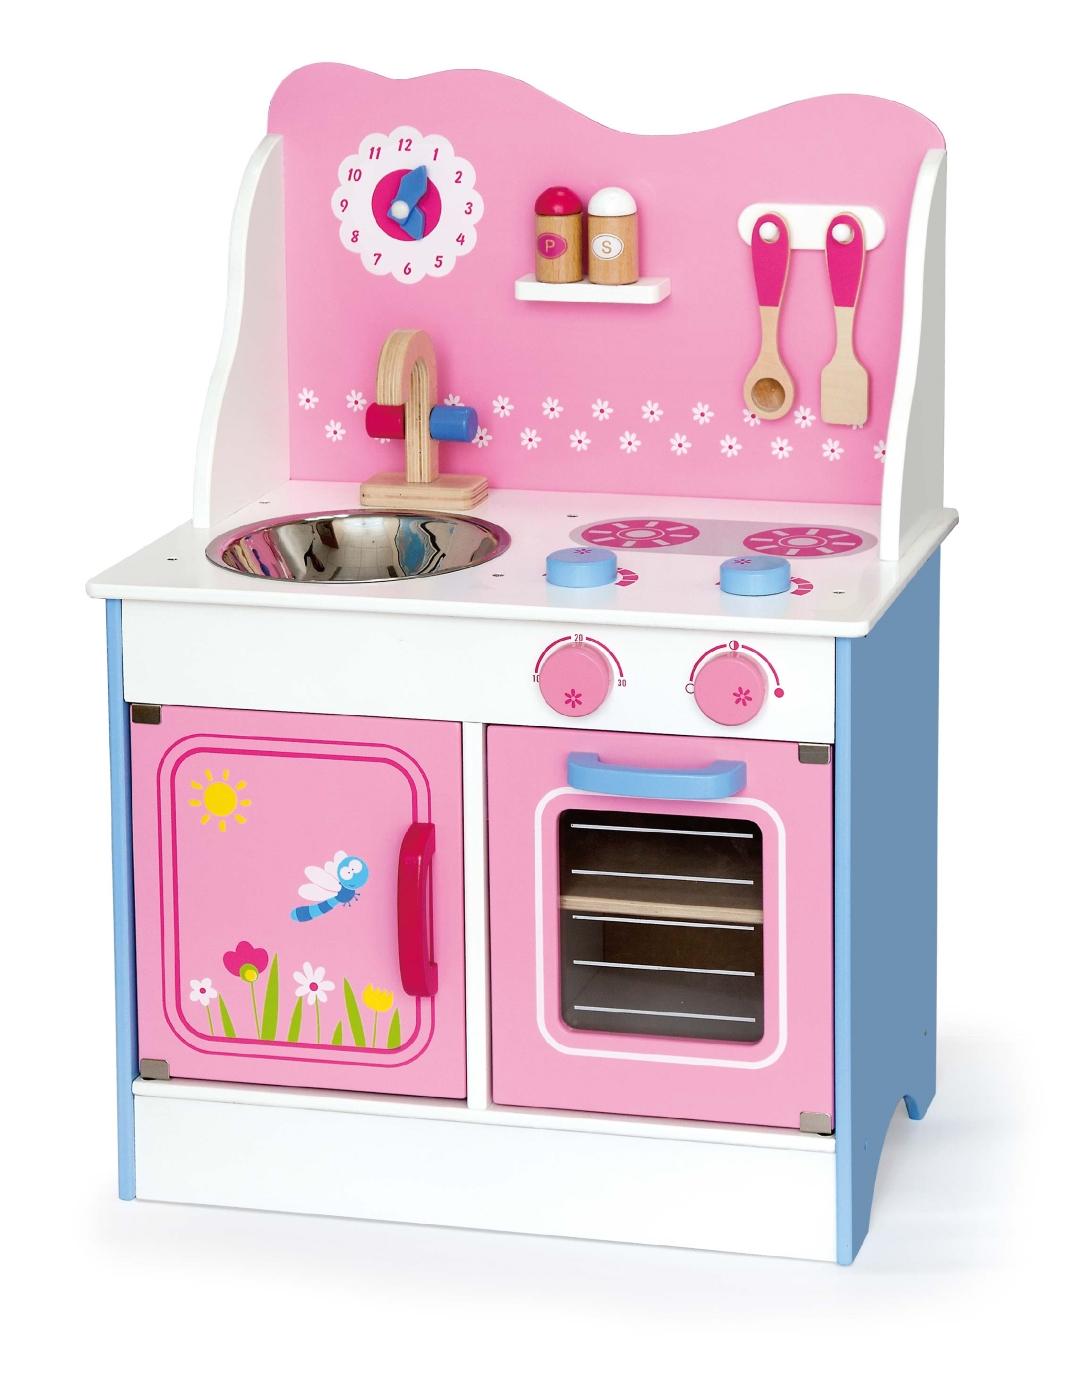 Drewniana Kuchnia Dla Dzieci Różowa Viga